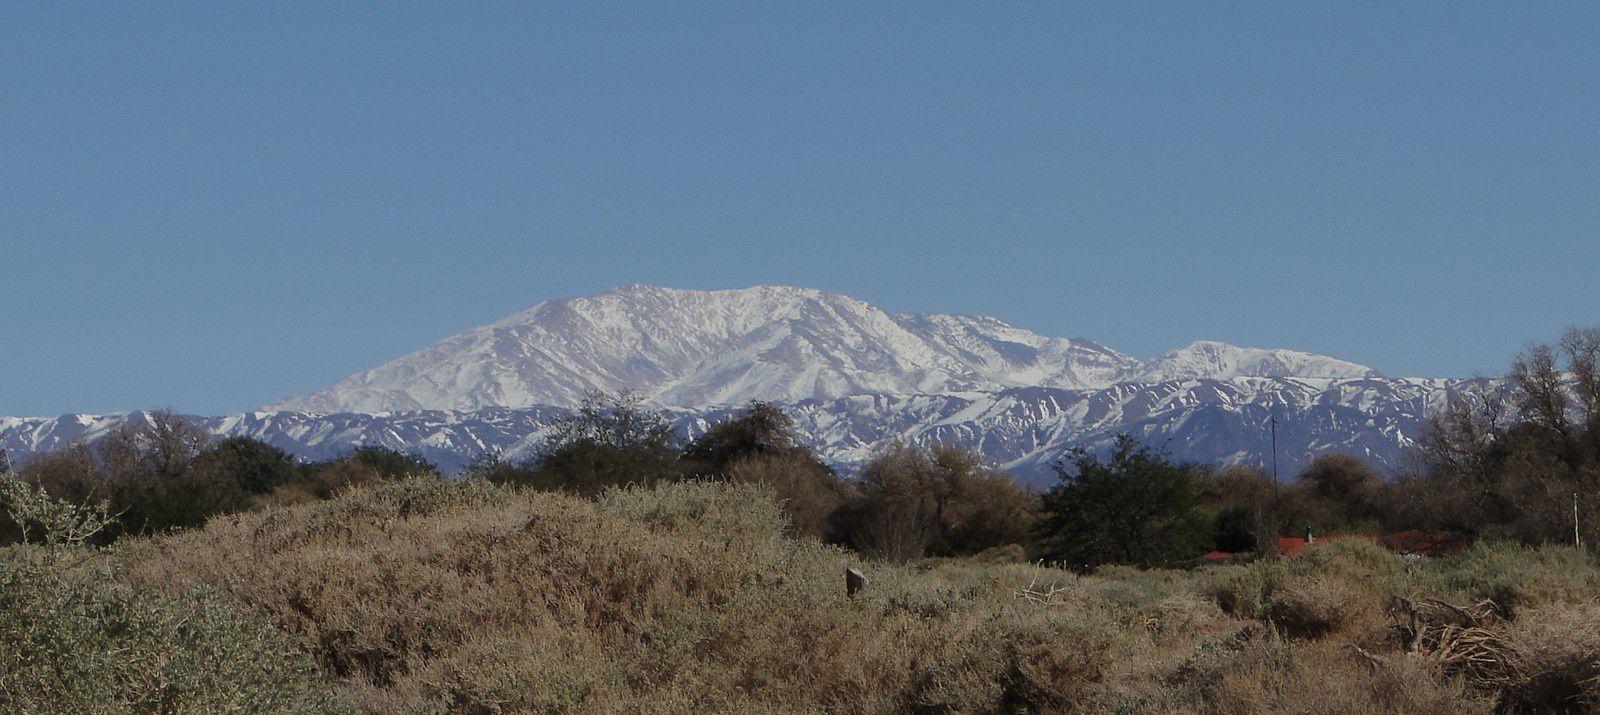 Une image plutôt rare du mont Quimal enneigé - 4.280 mètres d'altitude - Cordillère de Domeyko (Photo : Eldesiertoflorido).